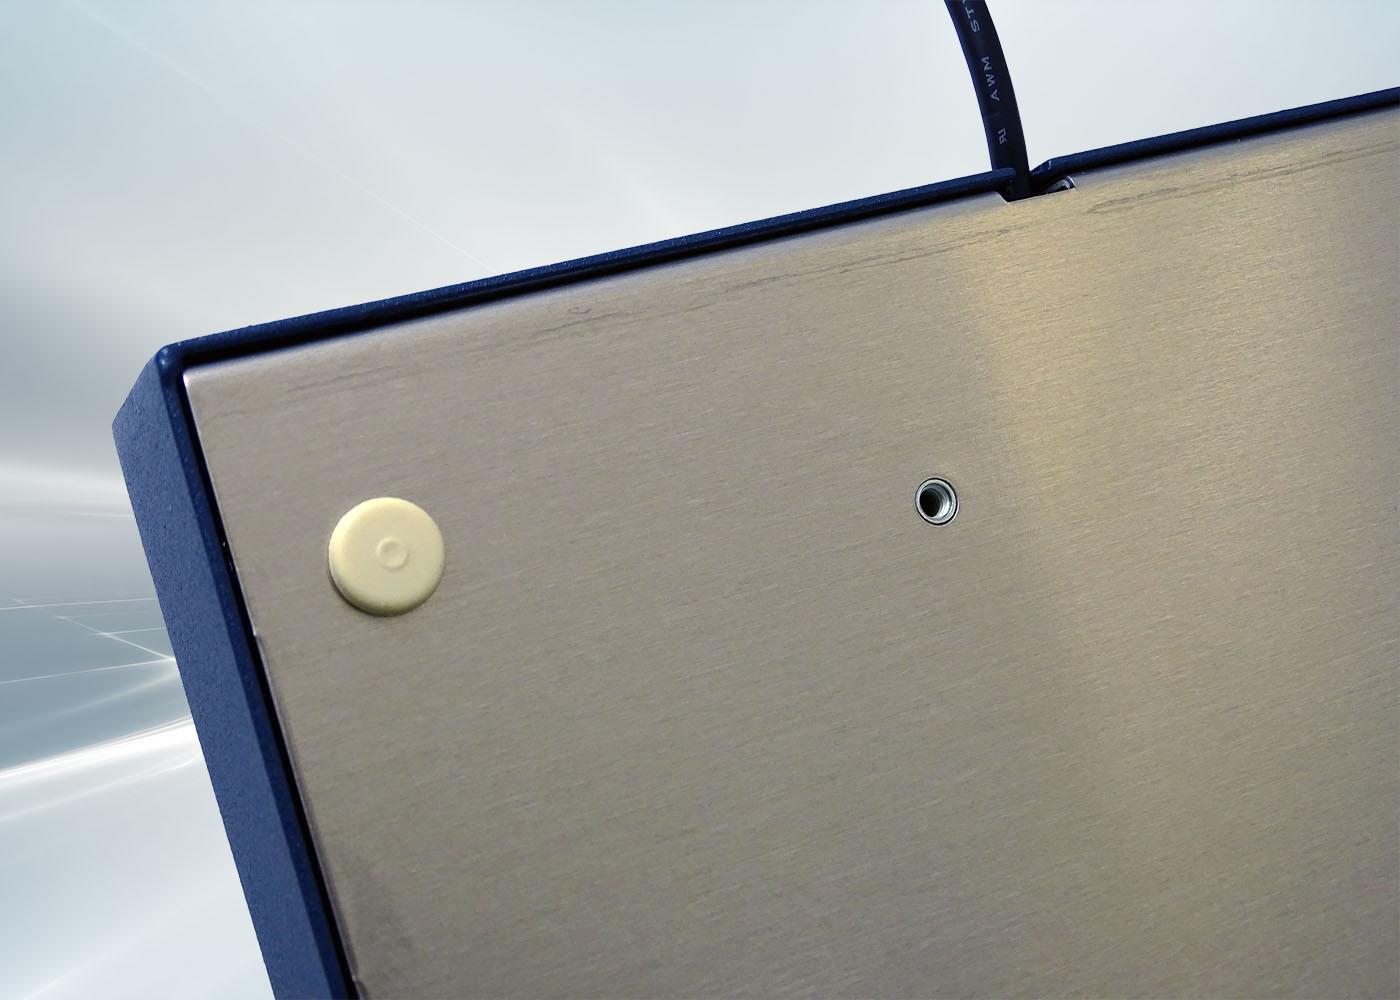 Clavier 105 touches en boîtier de table avec trackball 38 mm – détail inserts de fixation